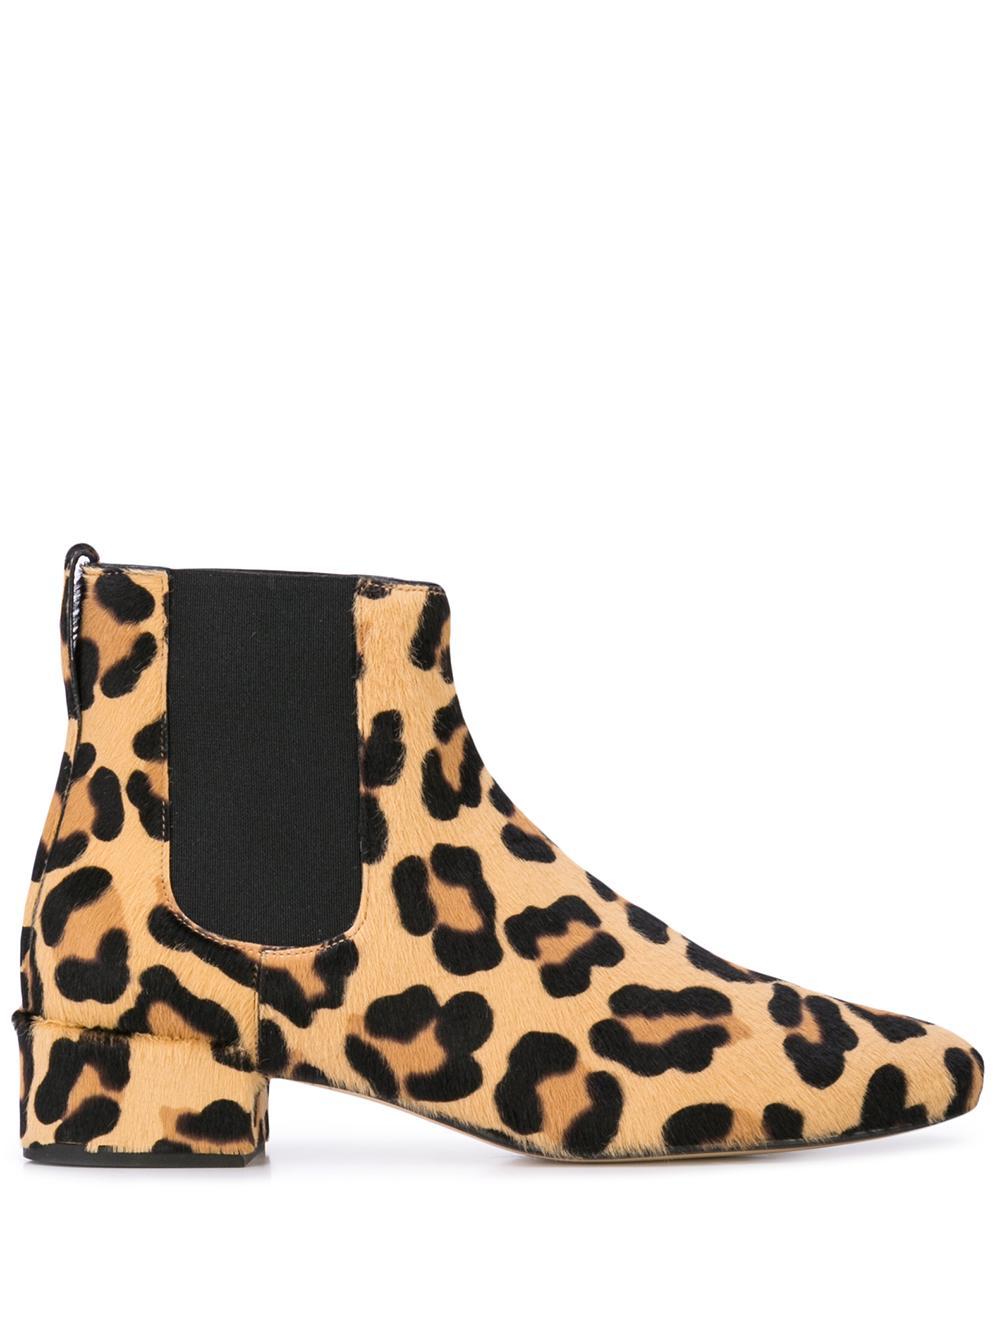 Leopard Round Toe Low Heel Bootie Item # R1B592-205